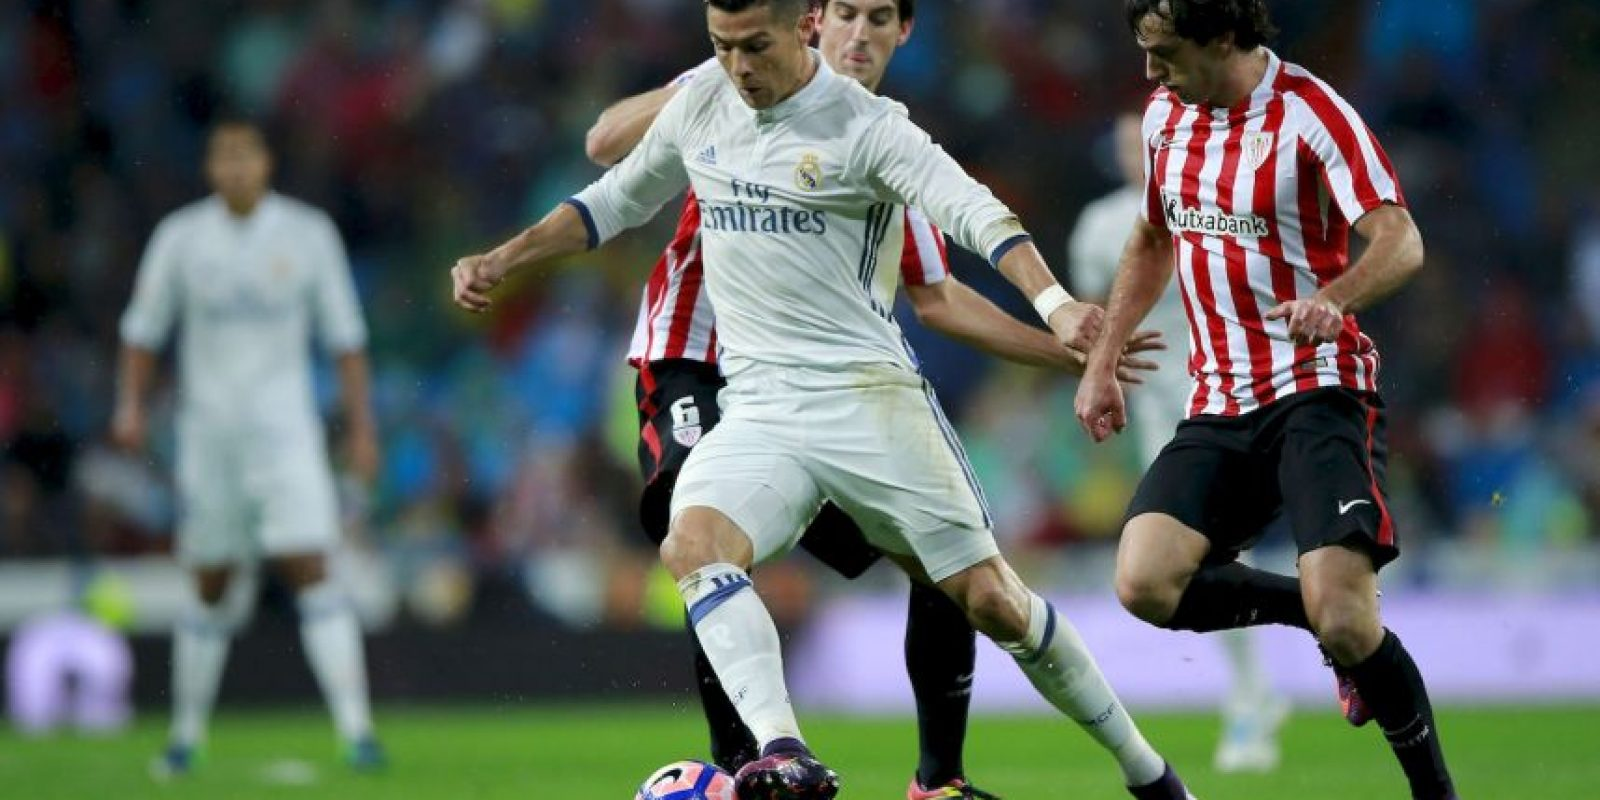 """Cristiano Ronaldo: """"El Comandante"""". Joseph Blatter los llamó así de forma sarcástica Foto:Getty Images"""